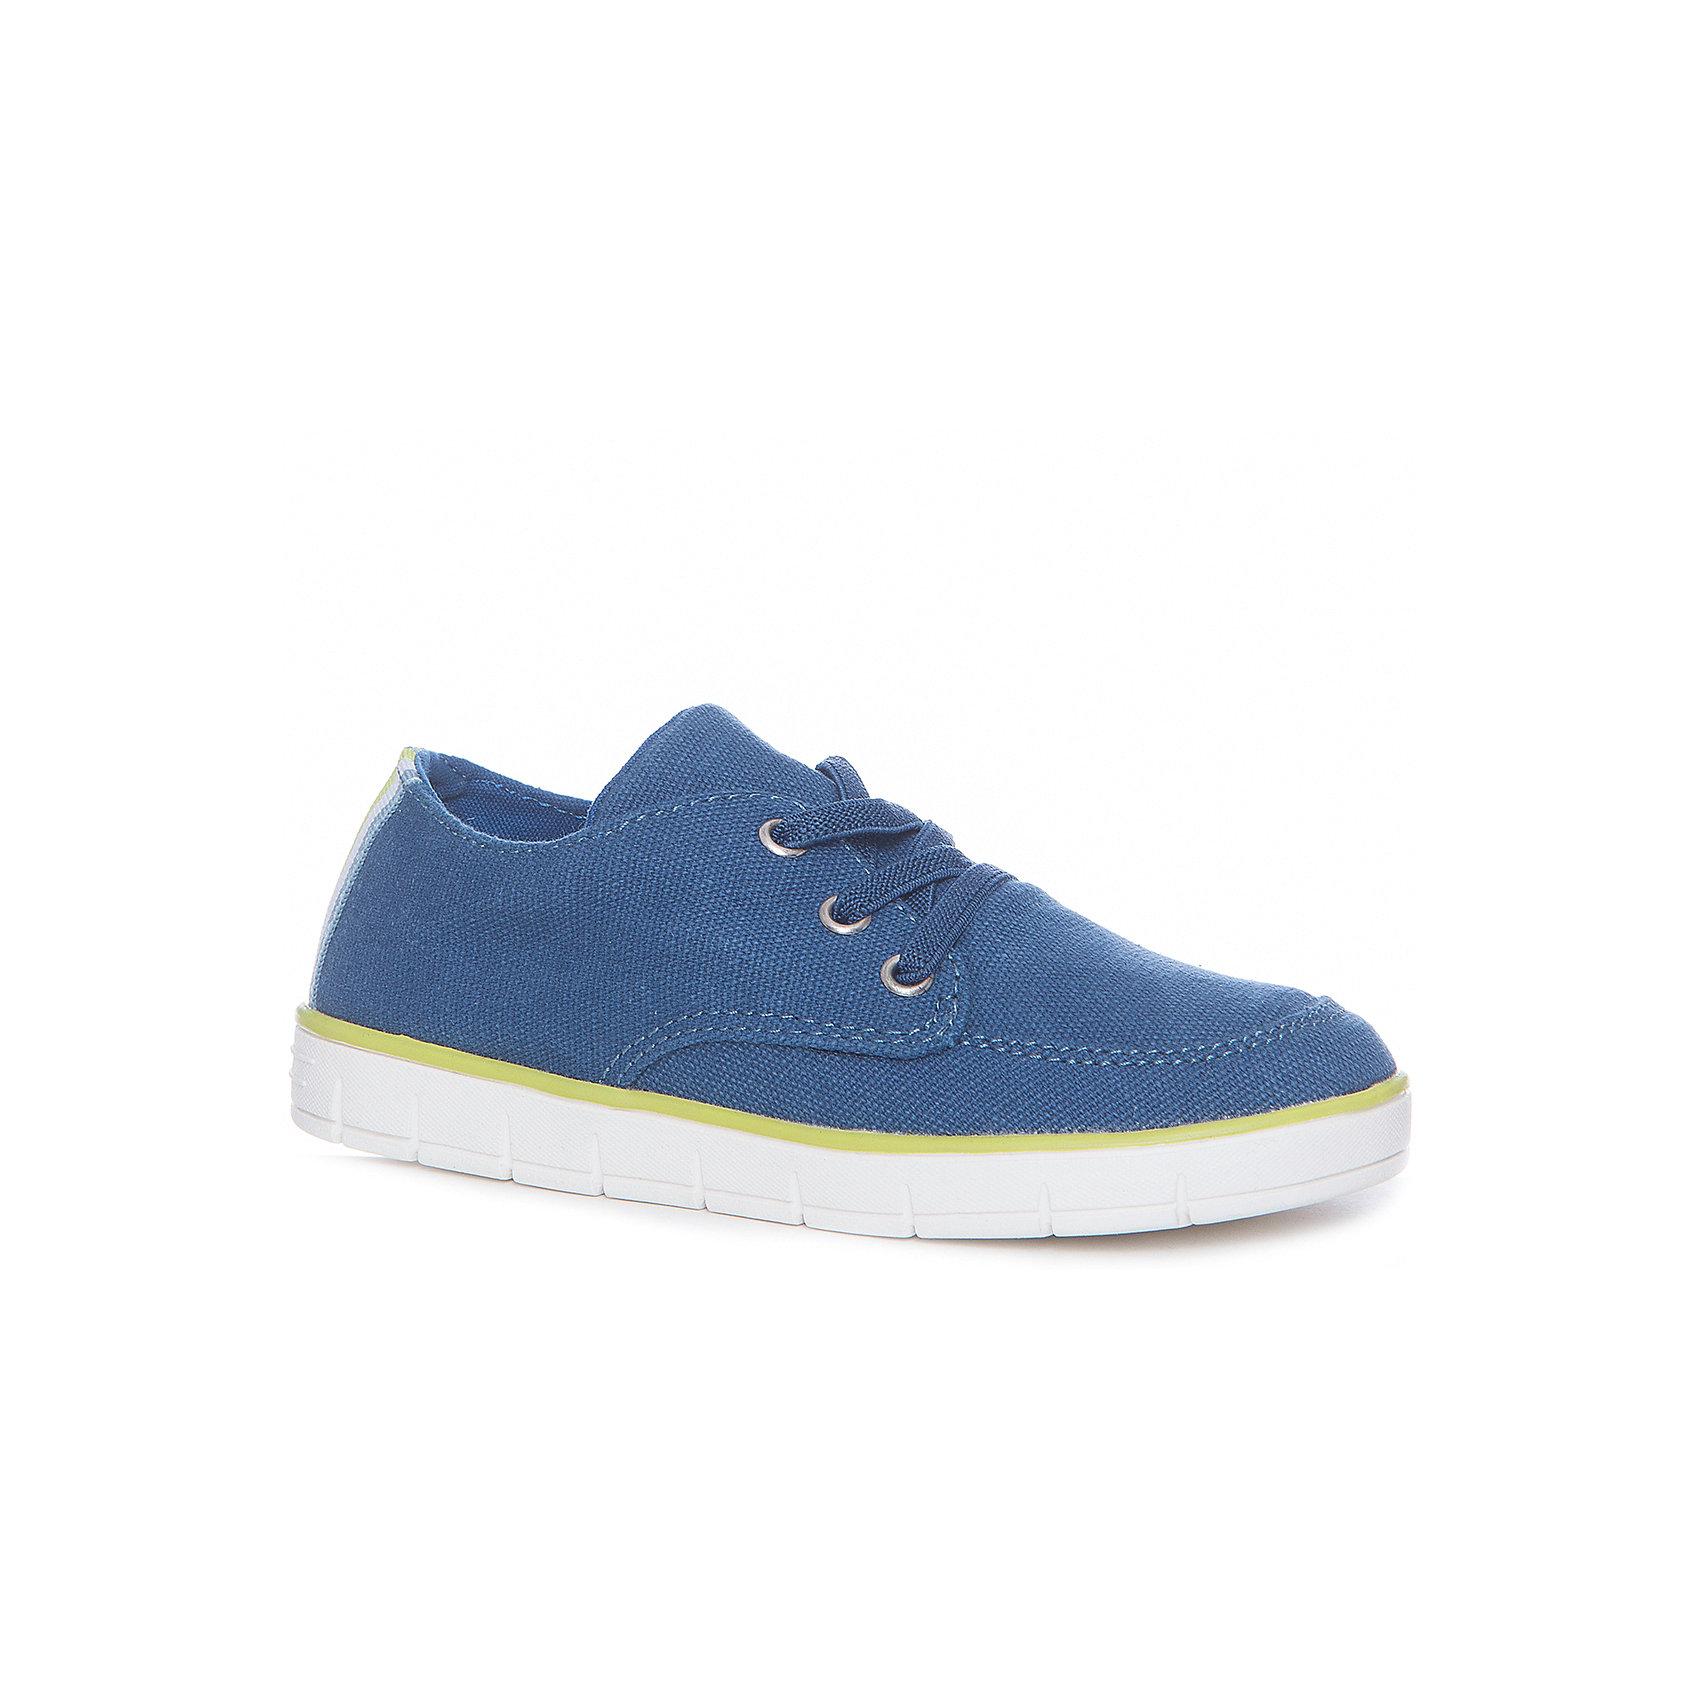 Кеды для мальчика GulliverКеды<br>Кеды, кроссовки, слипоны… С каждым днем спортивная обувь занимает все больше места в нашем шкафу, вытесняя привычные сандалии  и туфли. Синие текстильные кеды - модель на все случаи жизни! Они отлично завершат любой образ в спортивном и casual стиле, придав ему динамику и индивидуальность. Стильный дизайн, удобная форма, дышащий материал подкладки и верха - что еще  нужно для  того, чтобы провести с комфортом? Если вы хотите купить текстильные кеды для мальчика, эта модель - отличный выбор!<br>Состав:<br>Верх: канвас<br>подкладка: хлопок<br>стелька: канвас<br>подошва: резина<br><br>Ширина мм: 250<br>Глубина мм: 150<br>Высота мм: 150<br>Вес г: 250<br>Цвет: синий<br>Возраст от месяцев: 144<br>Возраст до месяцев: 156<br>Пол: Мужской<br>Возраст: Детский<br>Размер: 36,30,31,32,33,34,35<br>SKU: 5482996